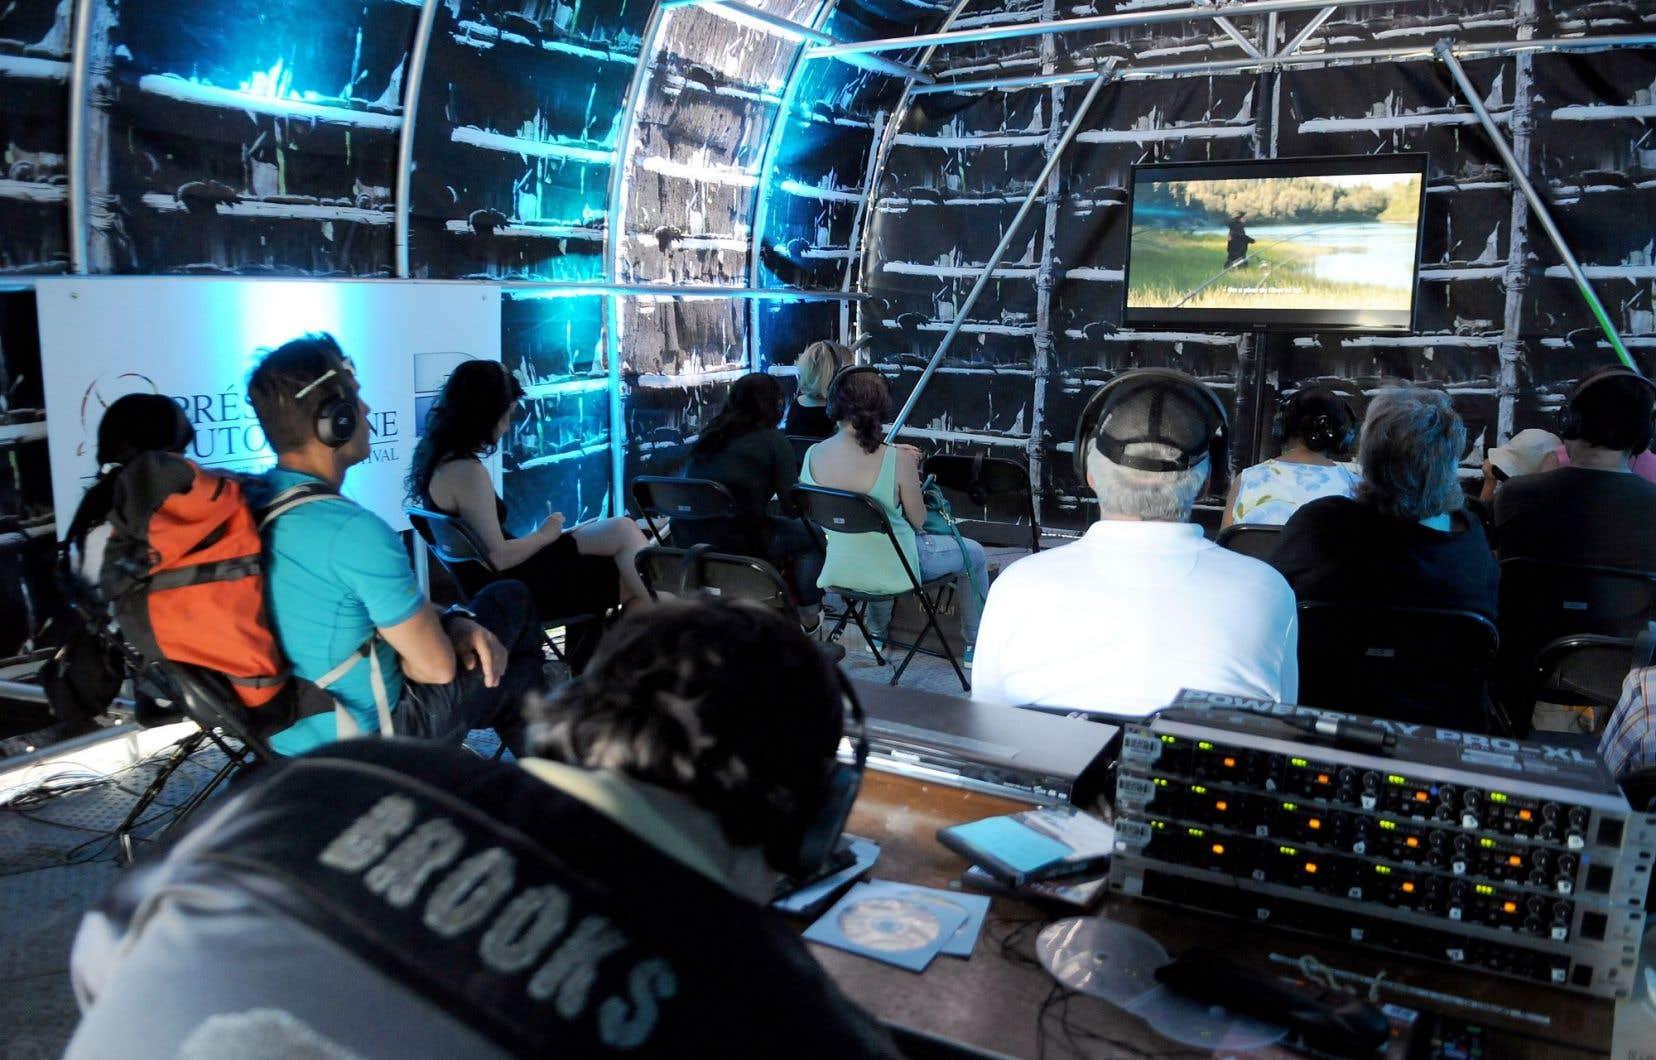 La programmation cinématographique du festival est variée, comprenant des films d'ici, mais aussi d'Amérique du Sud et d'autres pays.